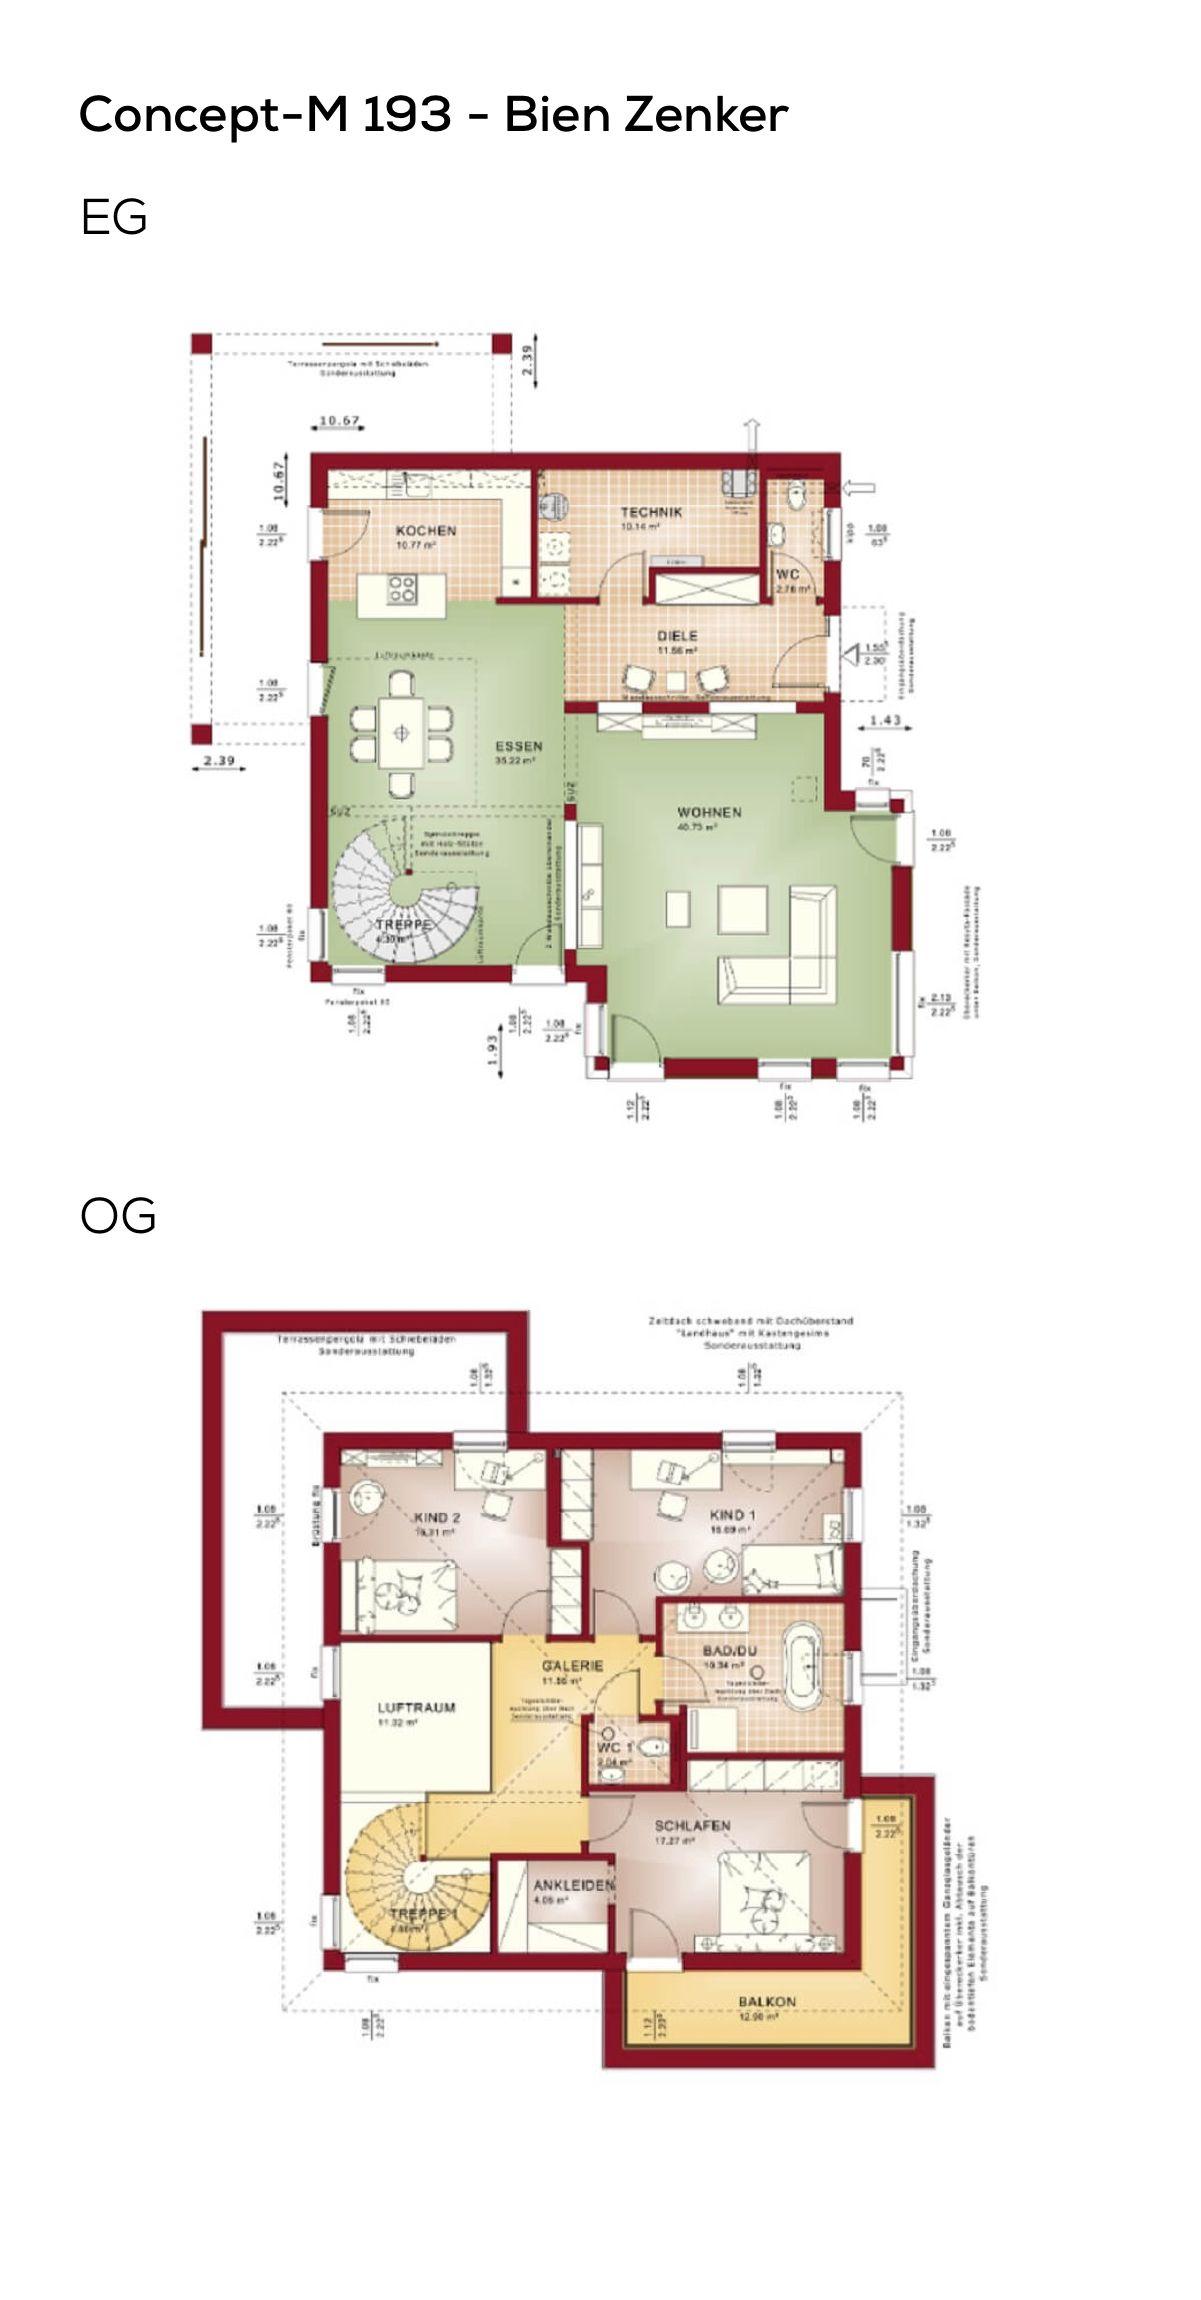 Grundriss Stadtvilla modern mit Galerie & Walmdach